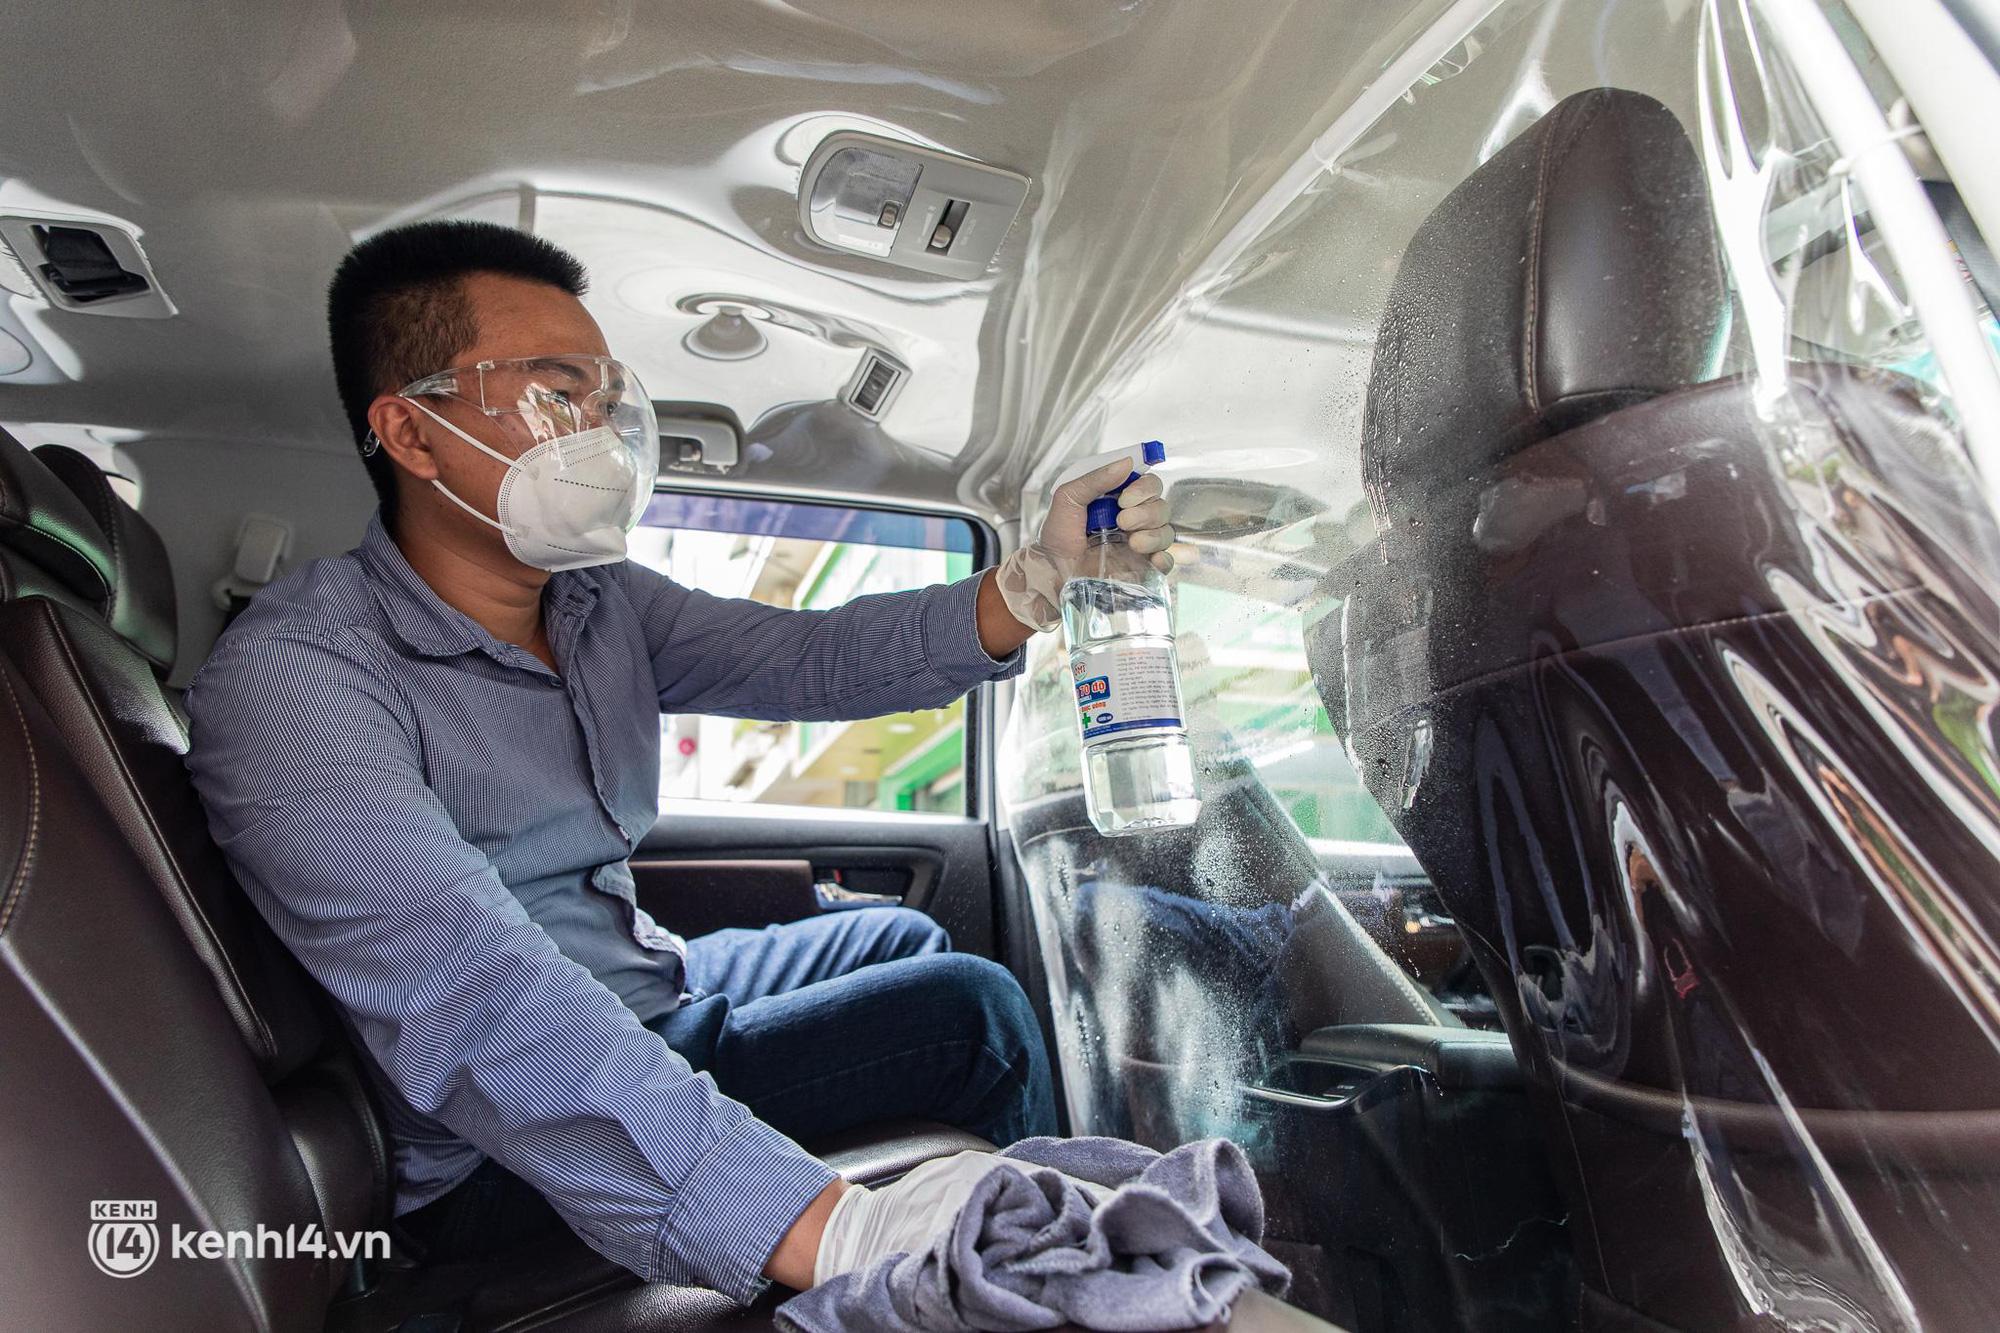 Sài Gòn nới lỏng giãn cách xã hội, bác tài phấn khởi ngày hoạt động trở lại với dịch vụ GrabCar Protect - Ảnh 7.